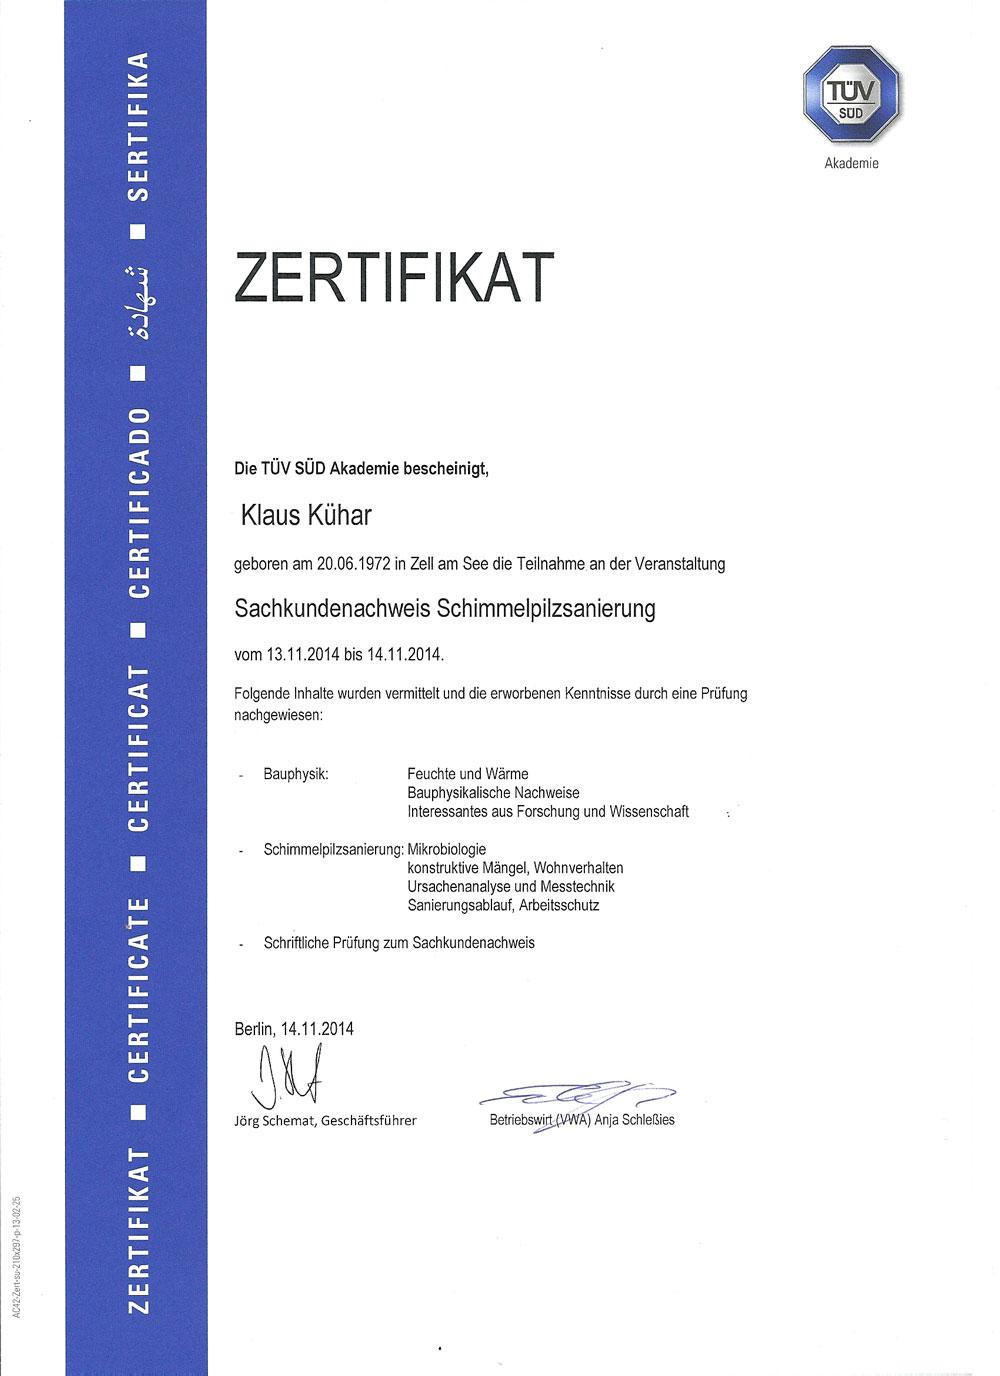 Schimmelpilz Sanierung Zertifikat Malermeister Kühar